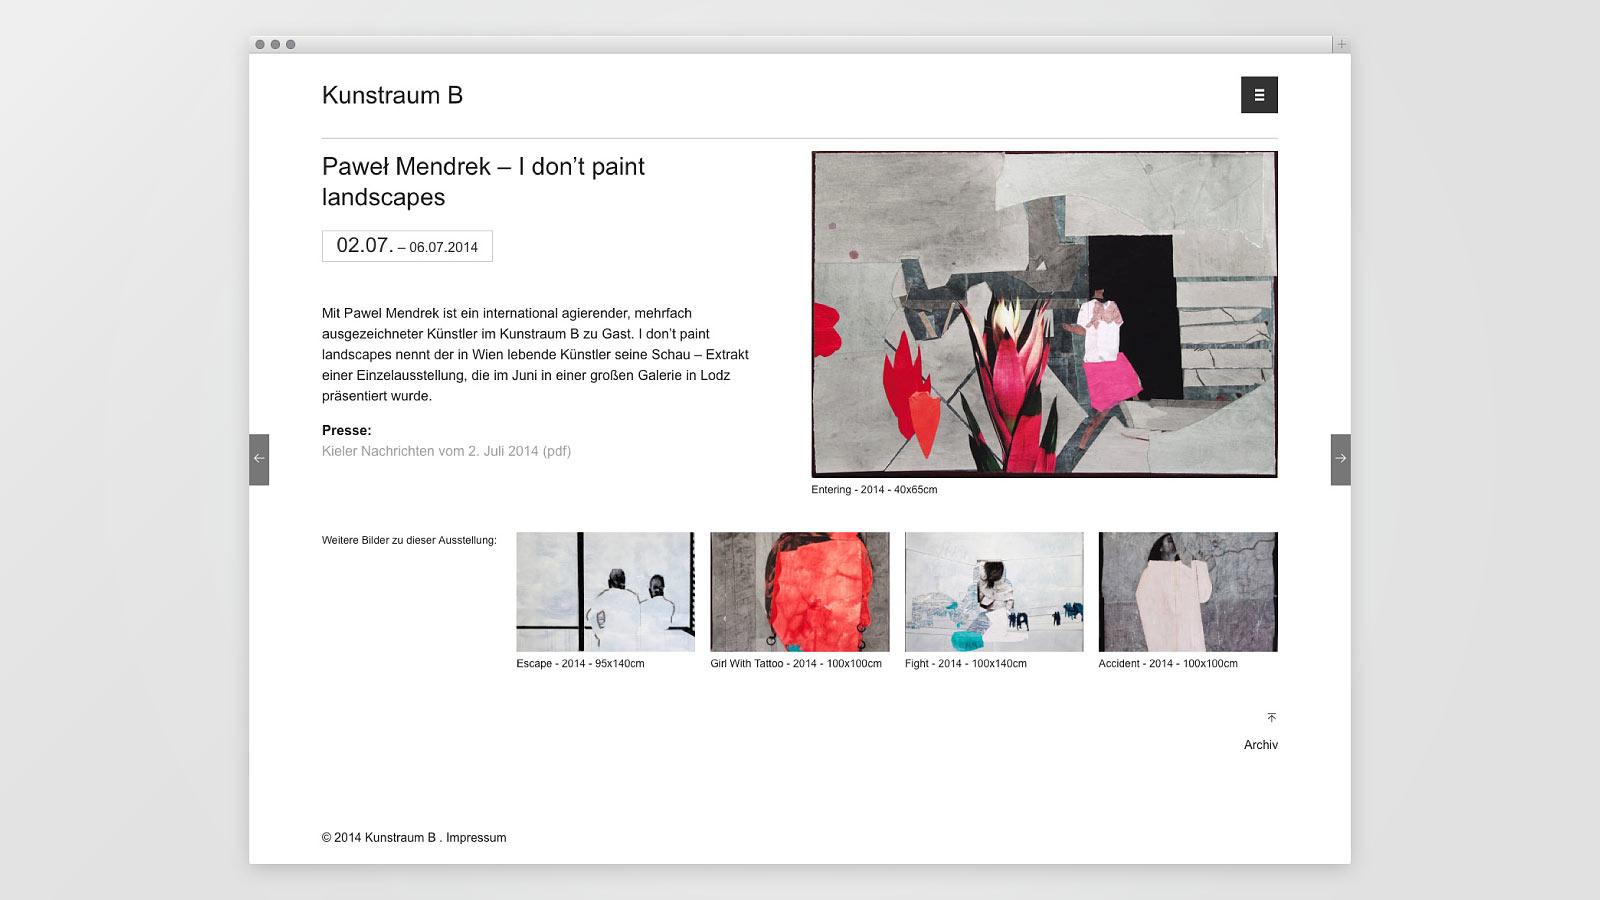 Informationen zu den jeweiligen Ausstellungen